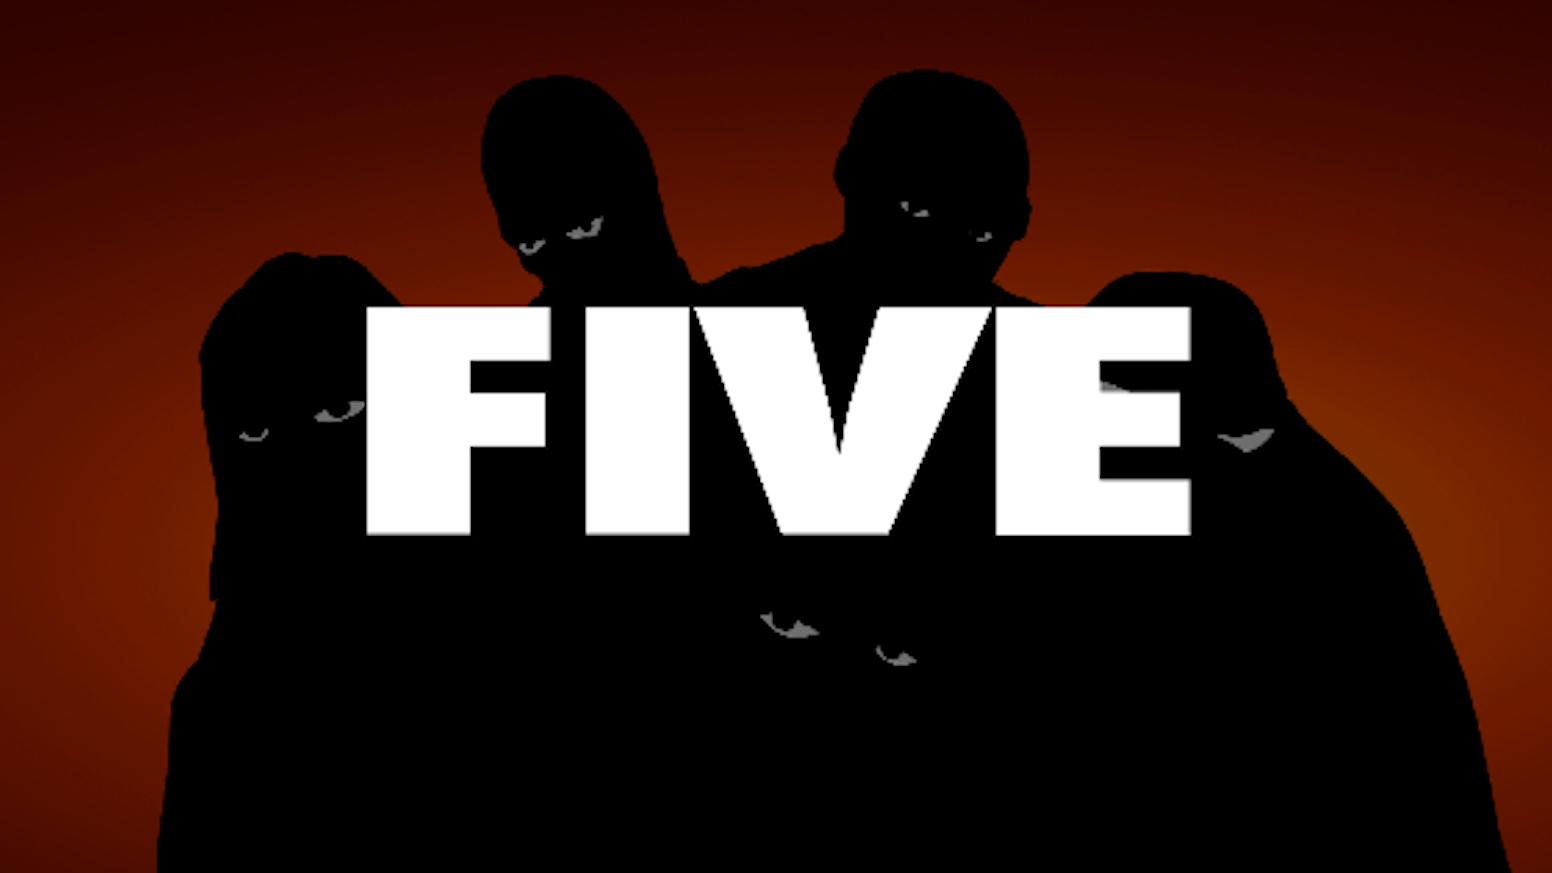 FIVE by Jon Schnepp — Kickstarter